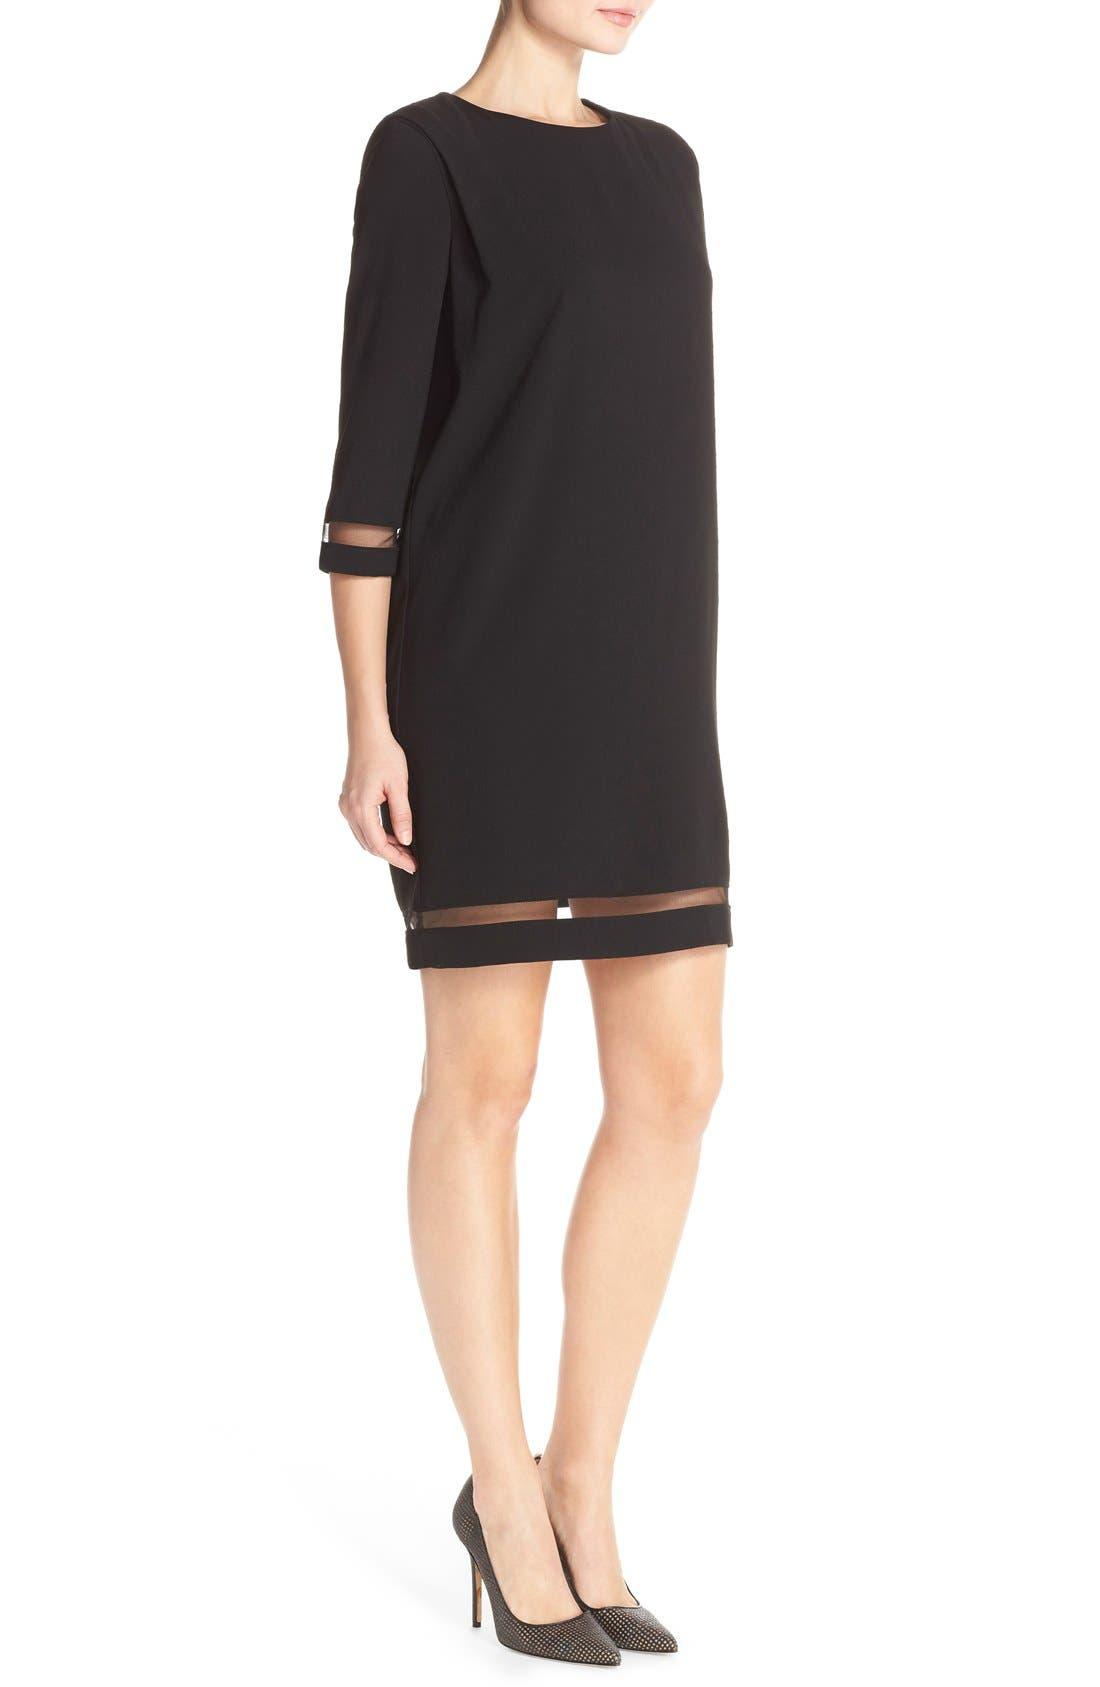 Alternate Image 3  - Tahari Crepe Shift Dress with Mesh Trim (Regular & Petite)